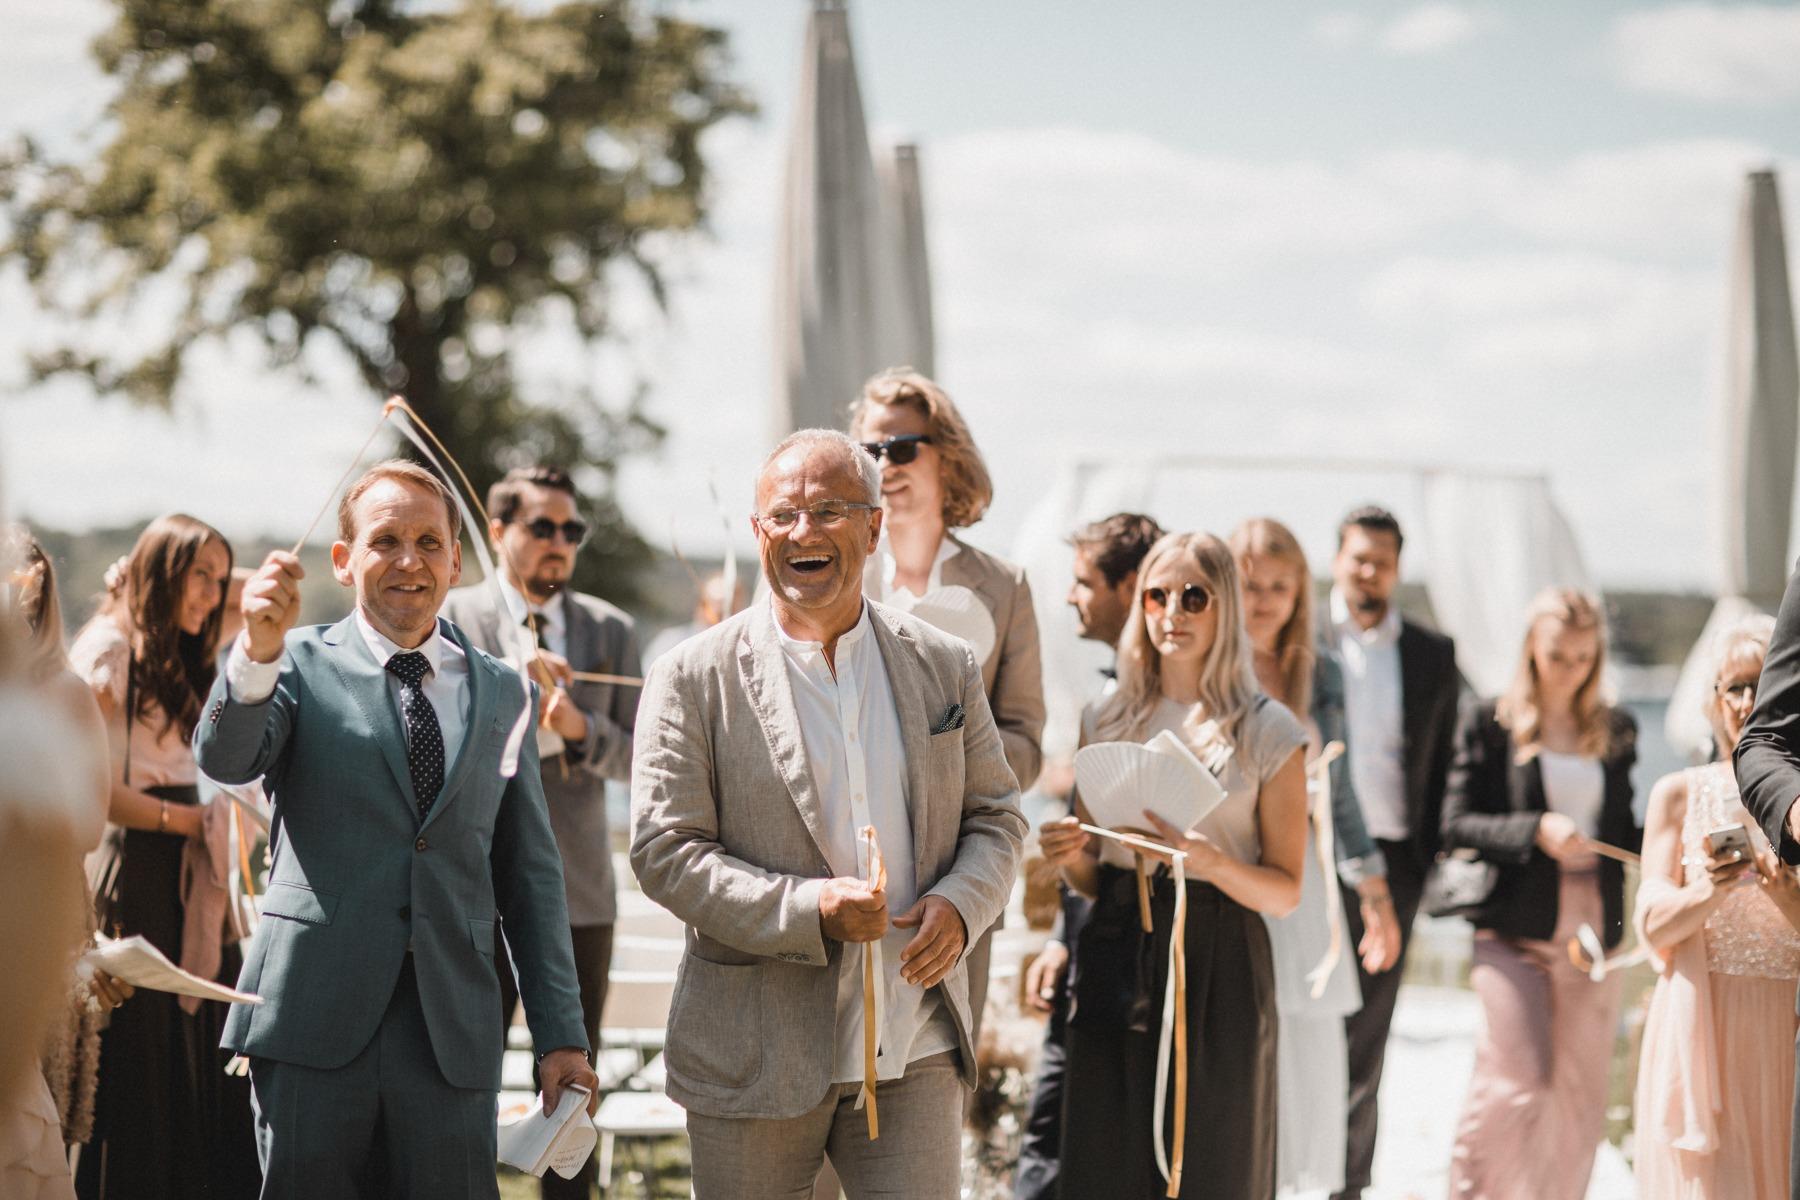 Die Gäste nach dem Auszug: freie Trauung am Wannsee